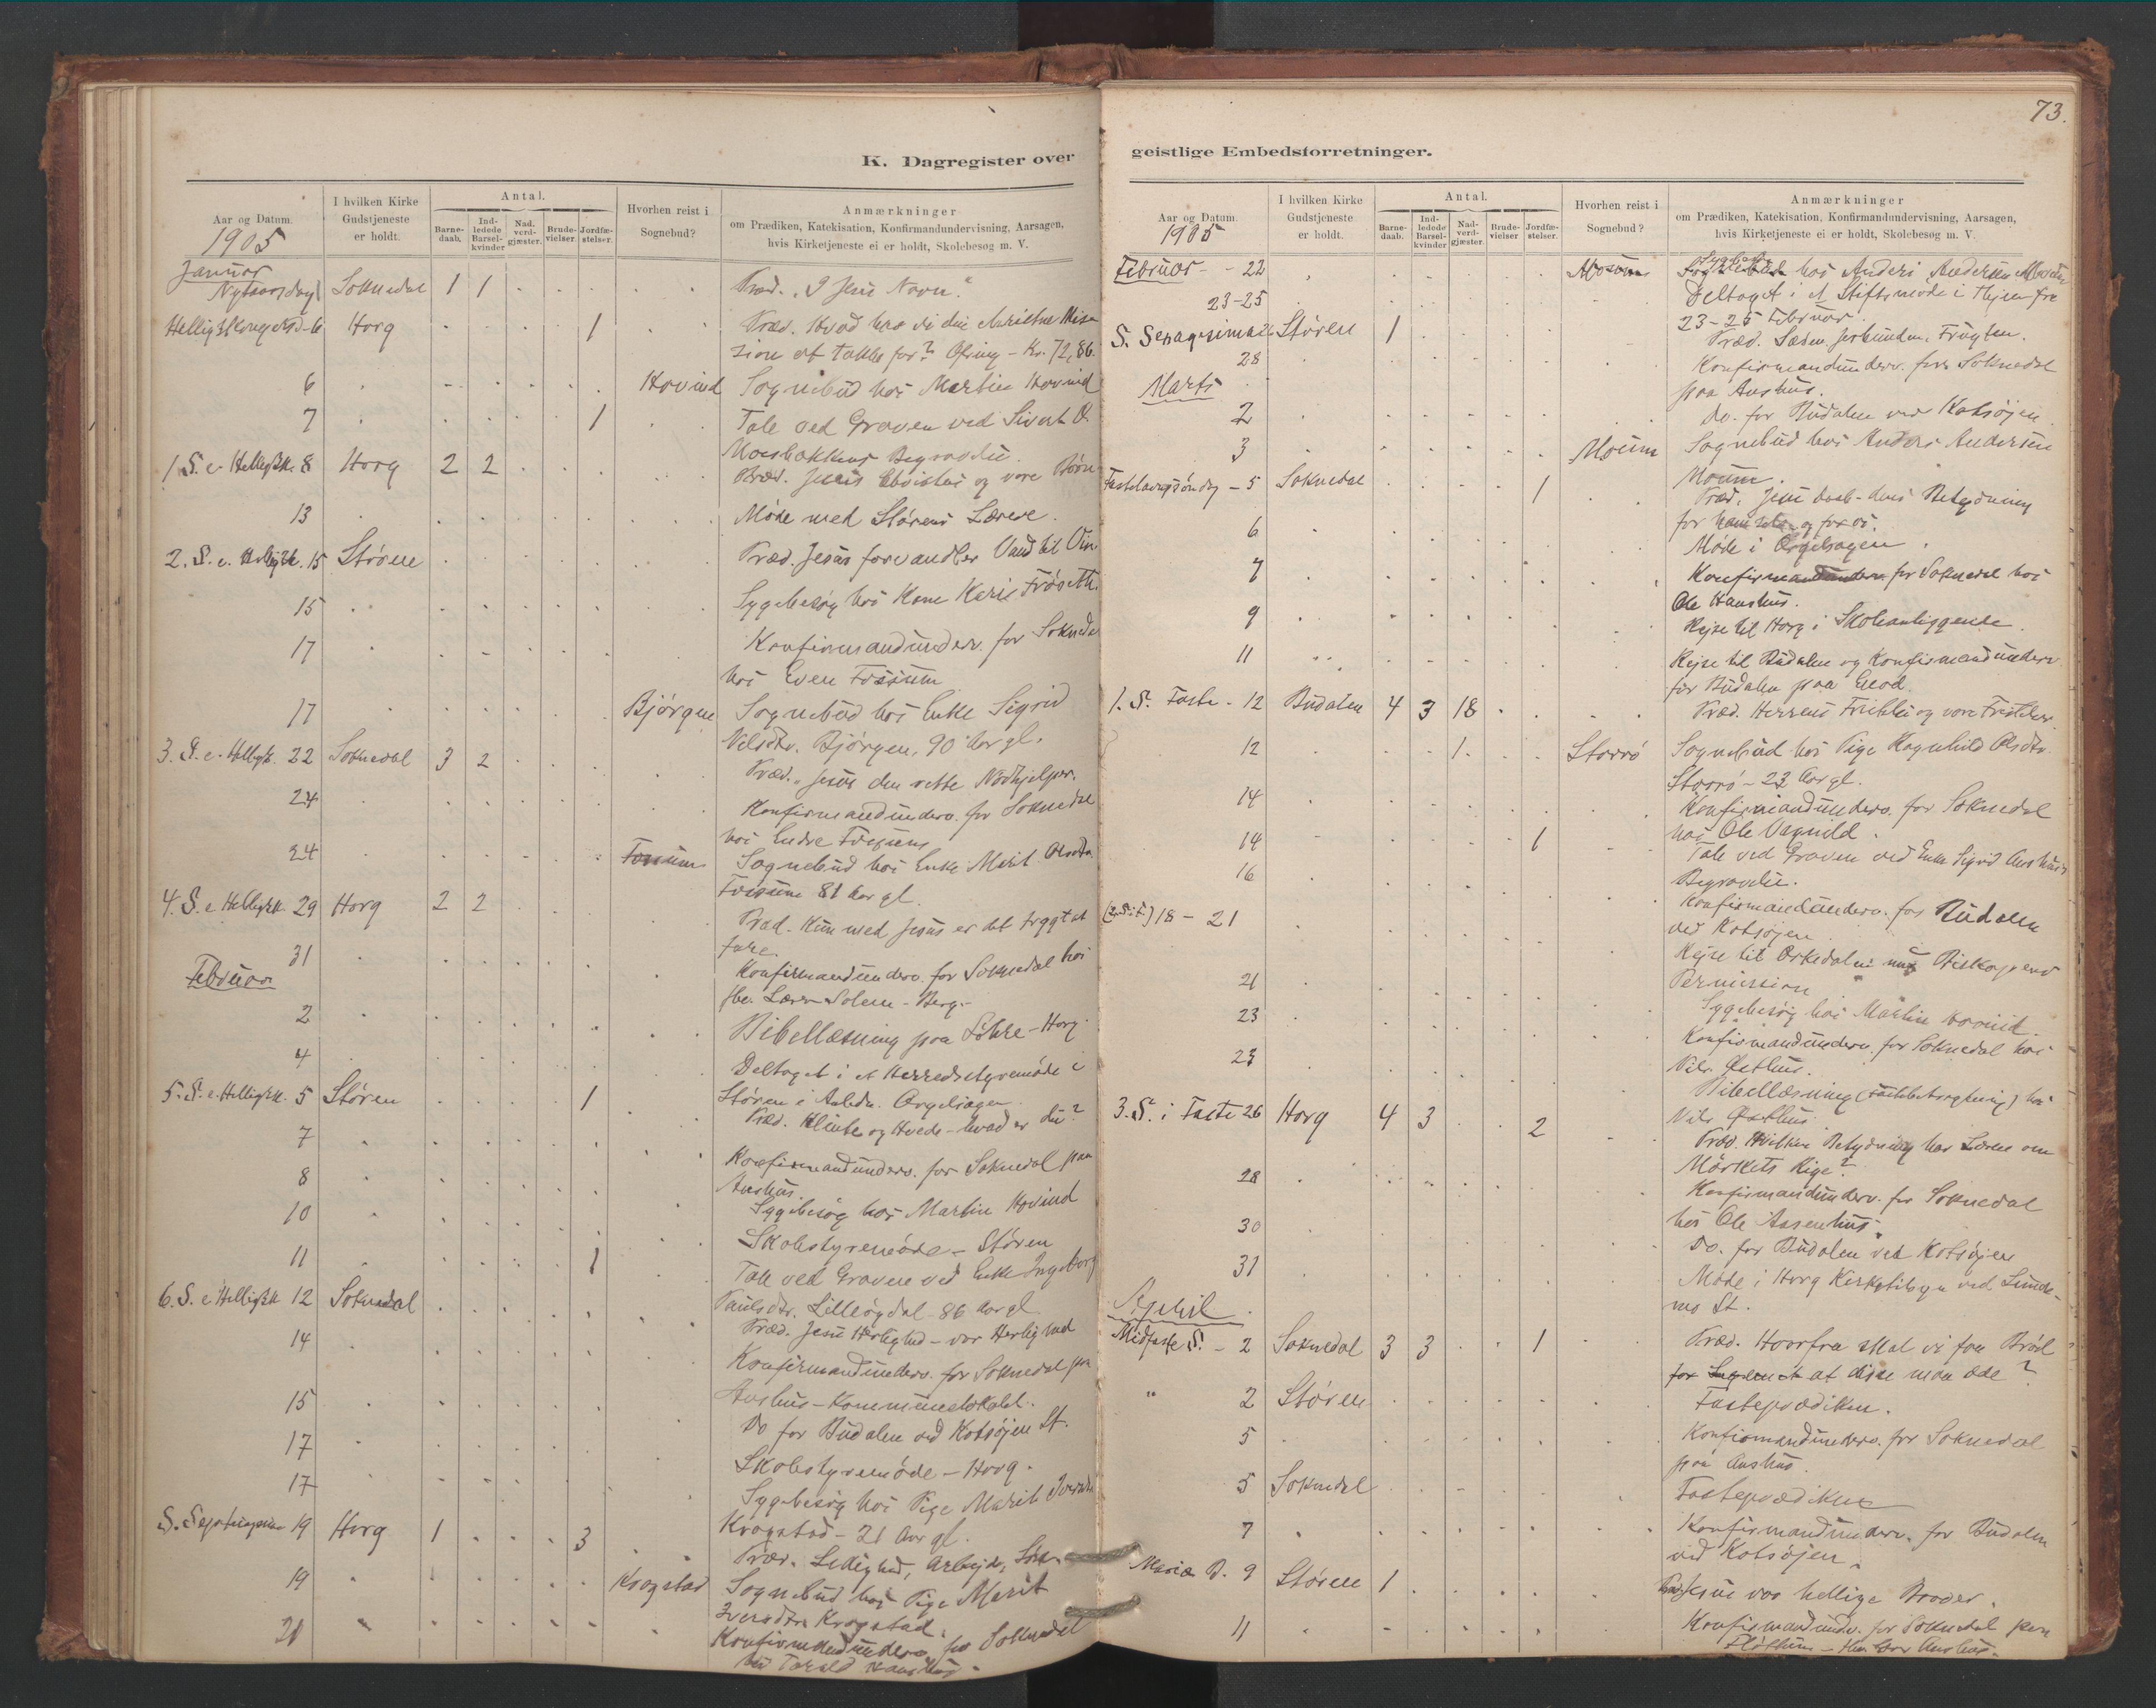 SAT, Ministerialprotokoller, klokkerbøker og fødselsregistre - Sør-Trøndelag, 687/L1012: Dagregister nr. 687B01, 1887-1914, s. 73